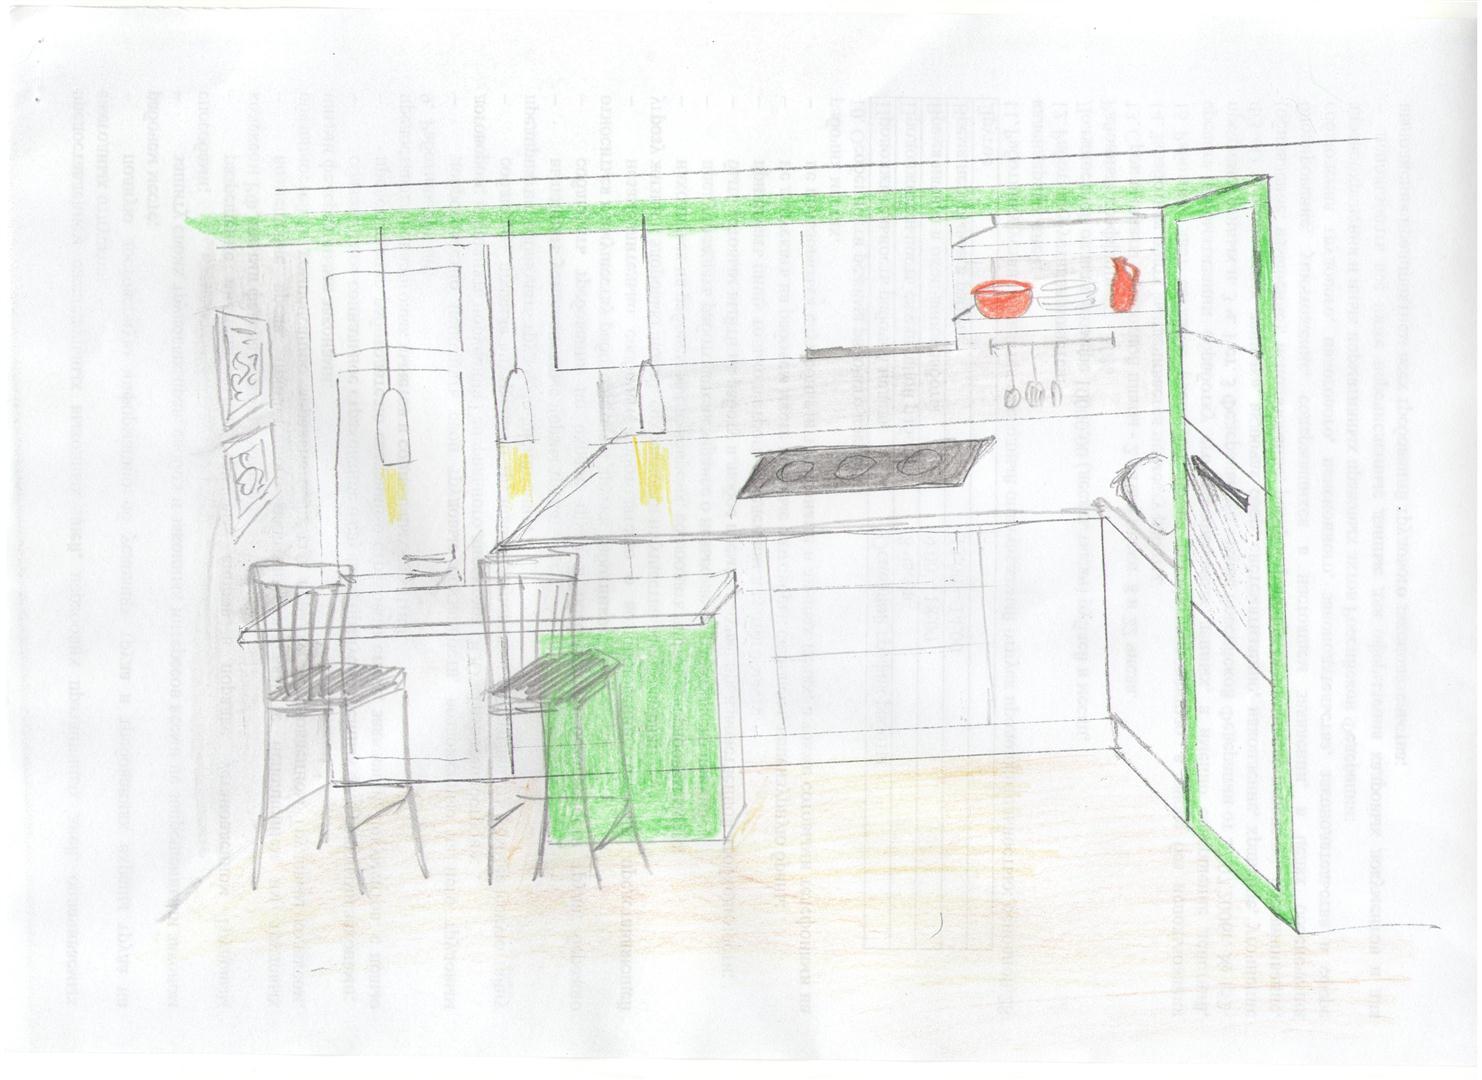 кухня_1 (Large)